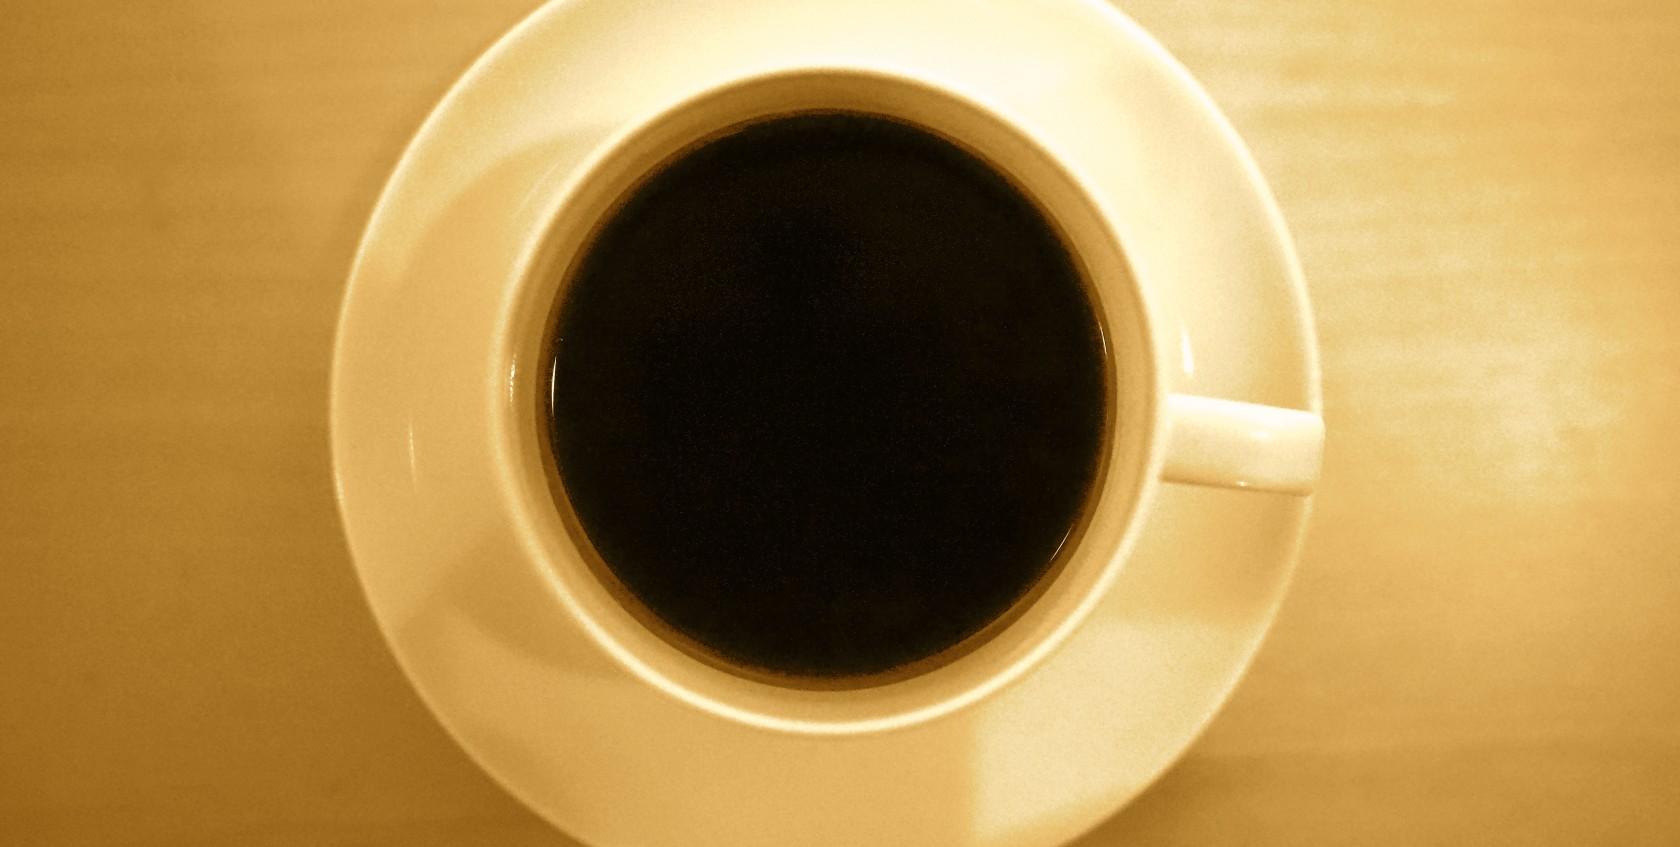 一杯のコーヒーの可能性を信じて